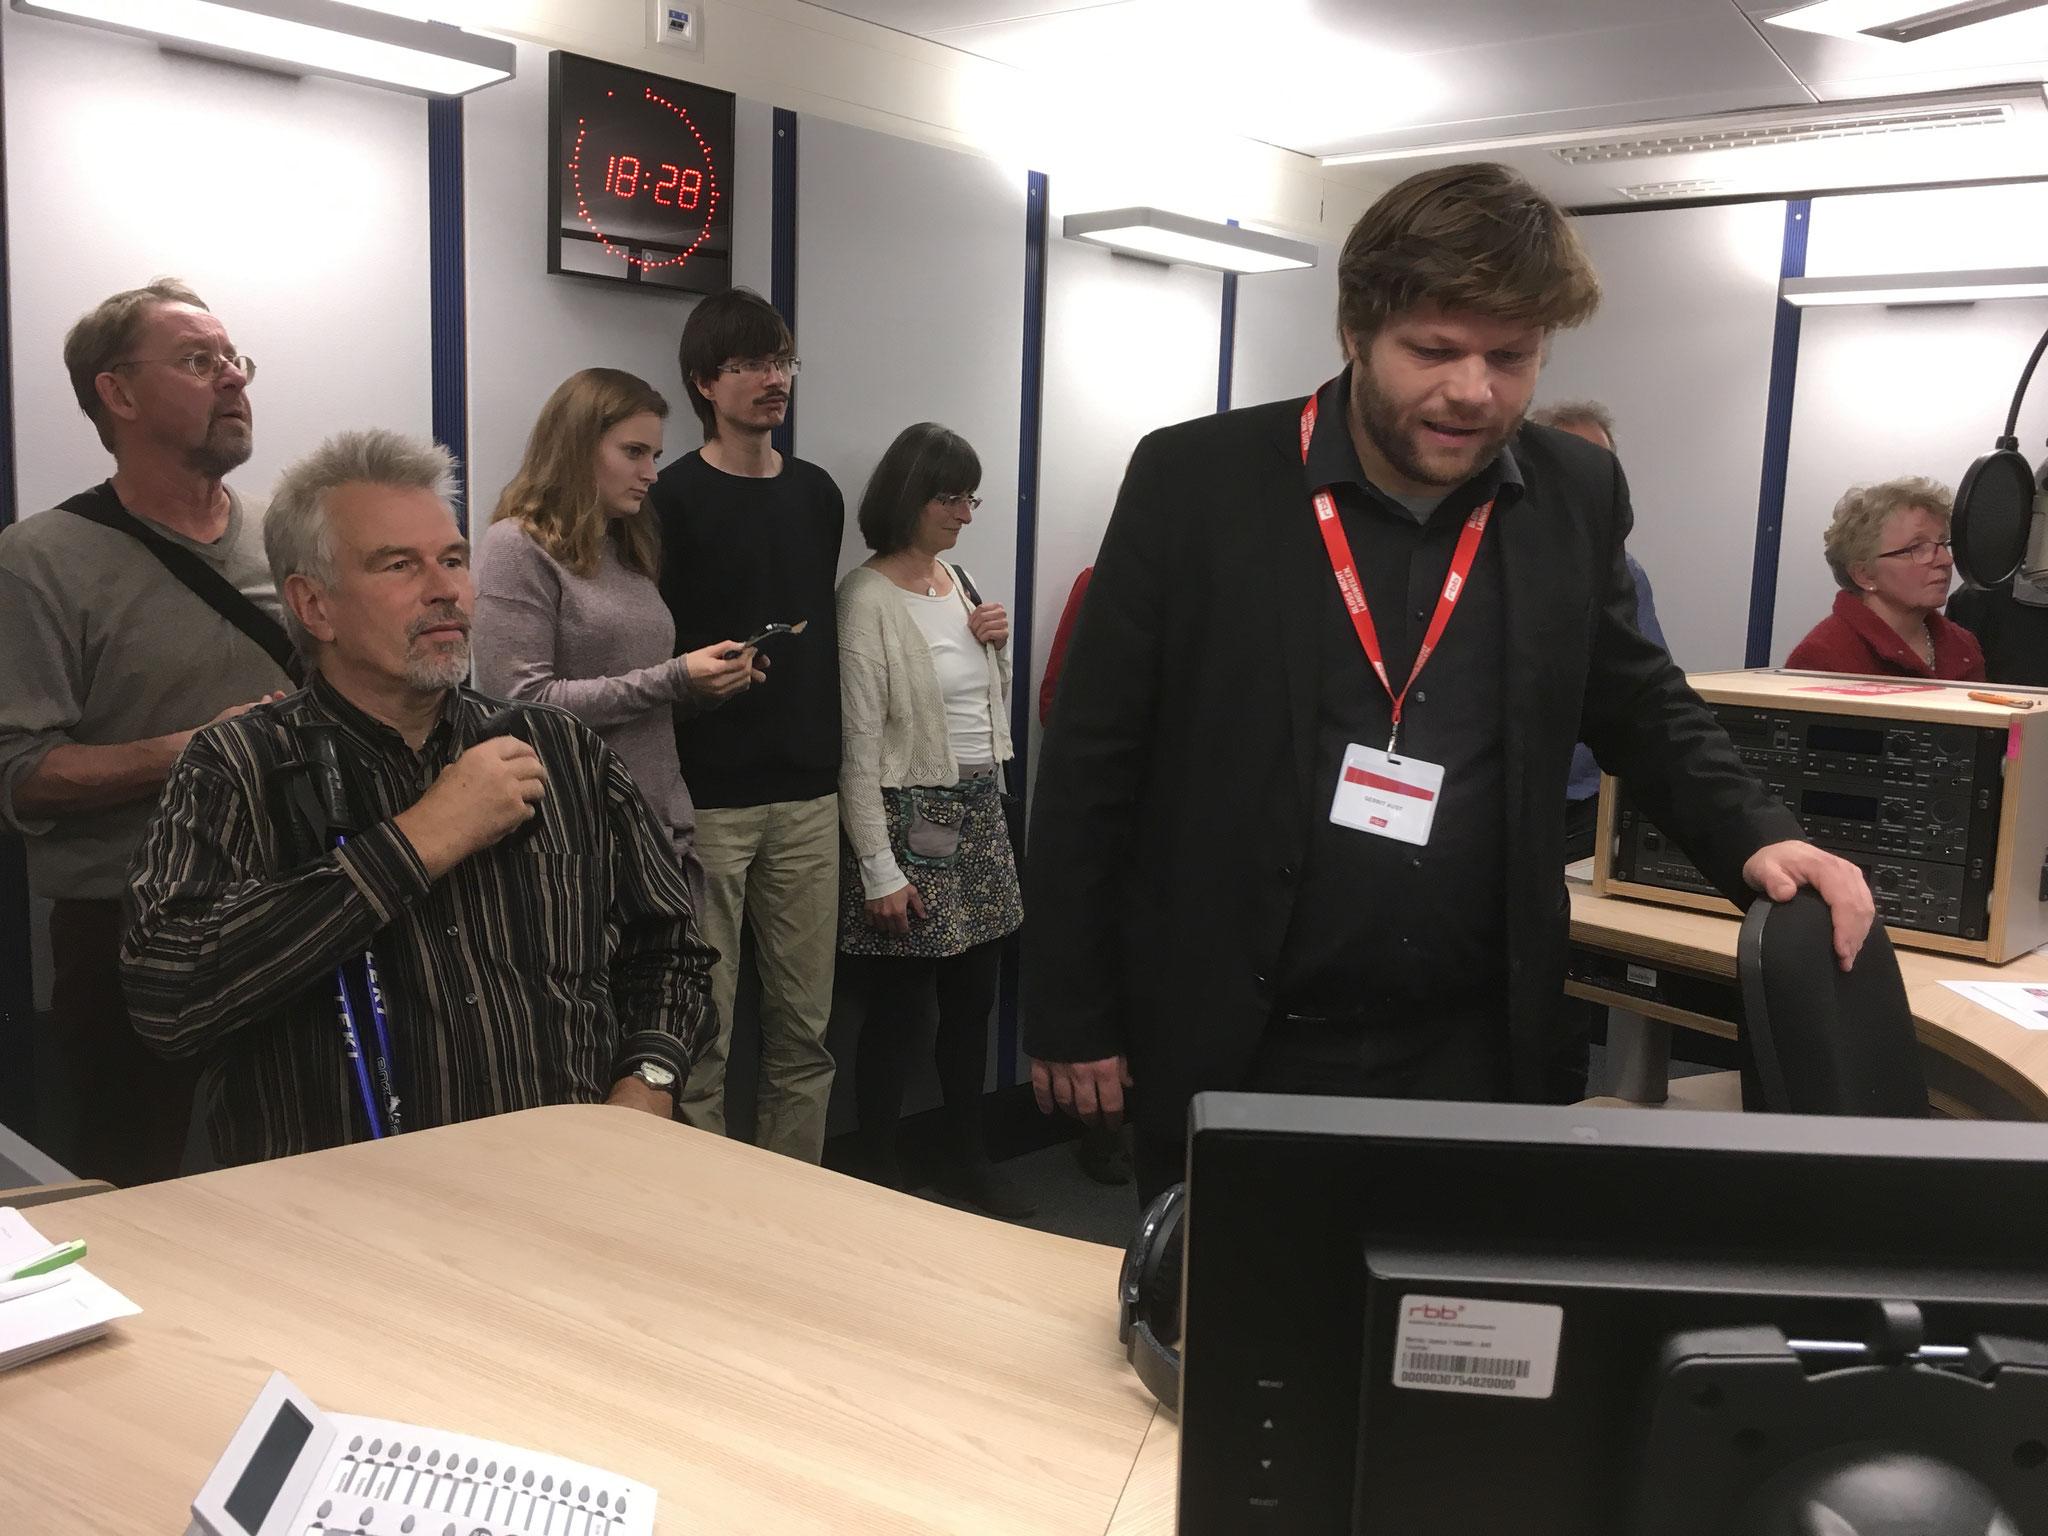 Herr Aust vom RBB-Besucherdienst führte durch das Studio.